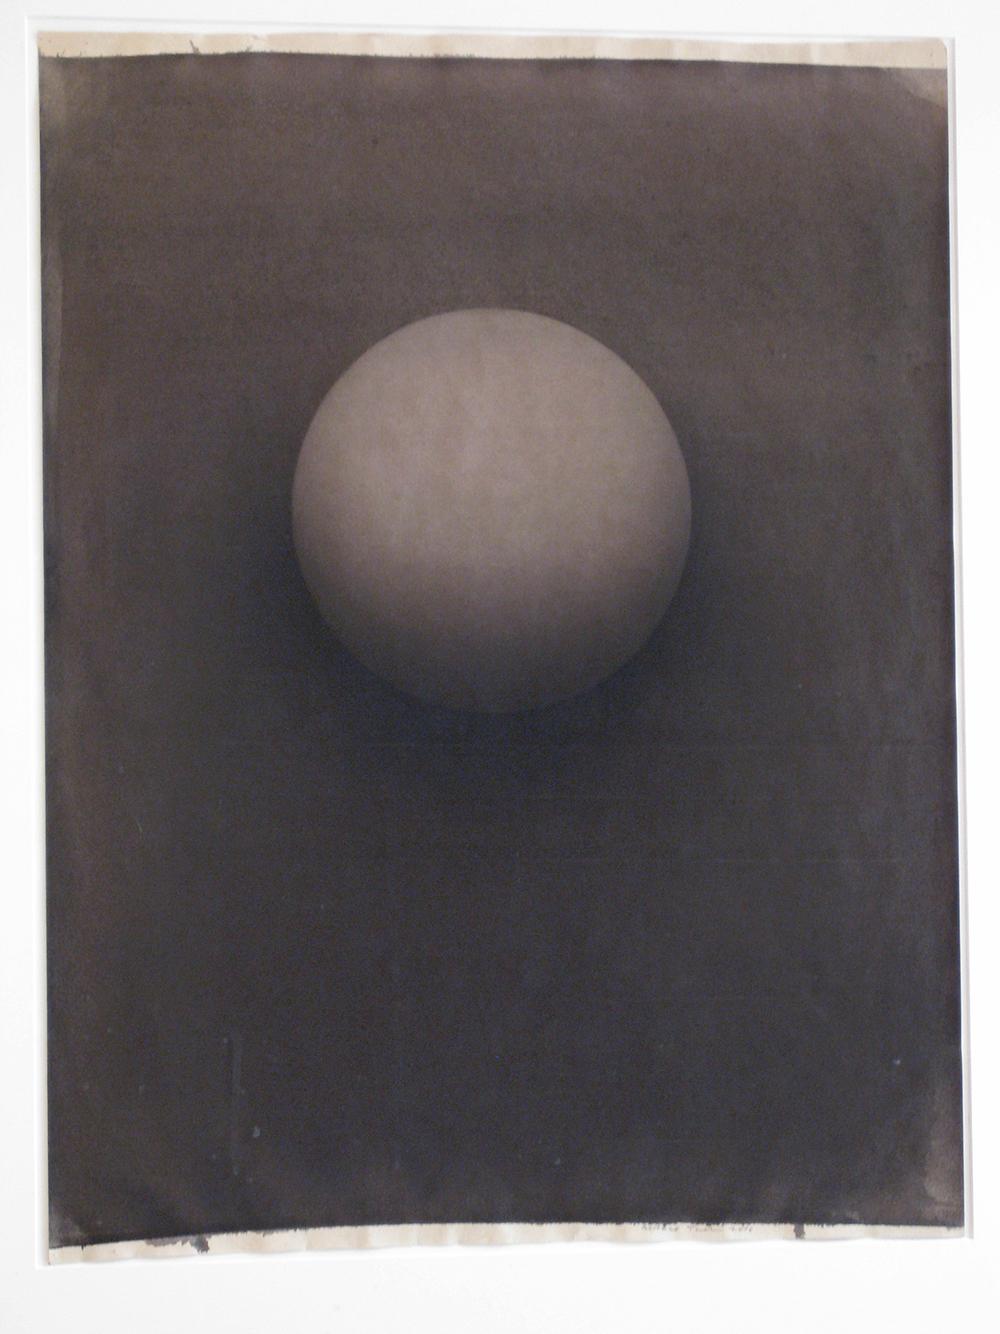 Senza titolo, 2006, tempera e carbone su carta, cm 72x56